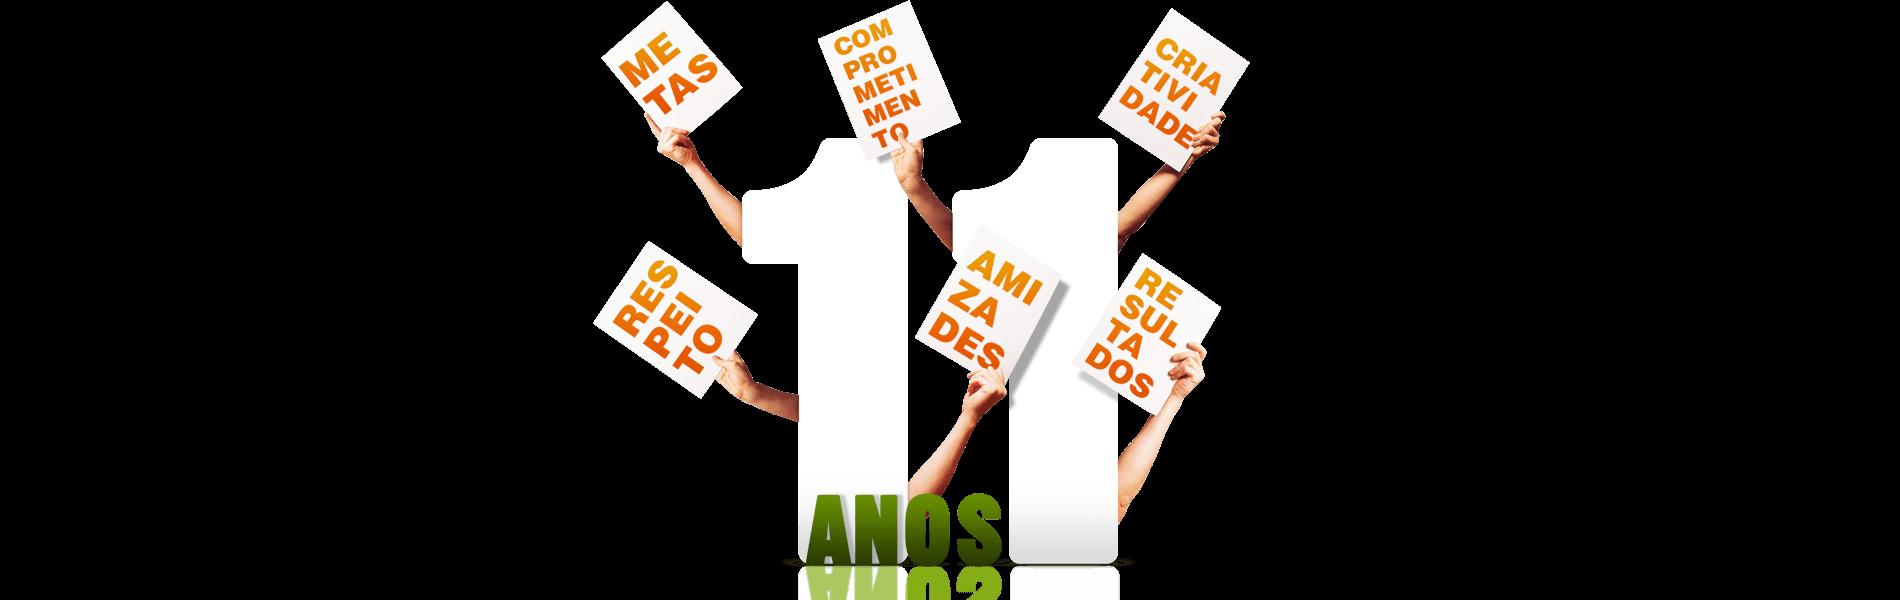 Banner em comemoração aos 11 anos da 5D Publicidade